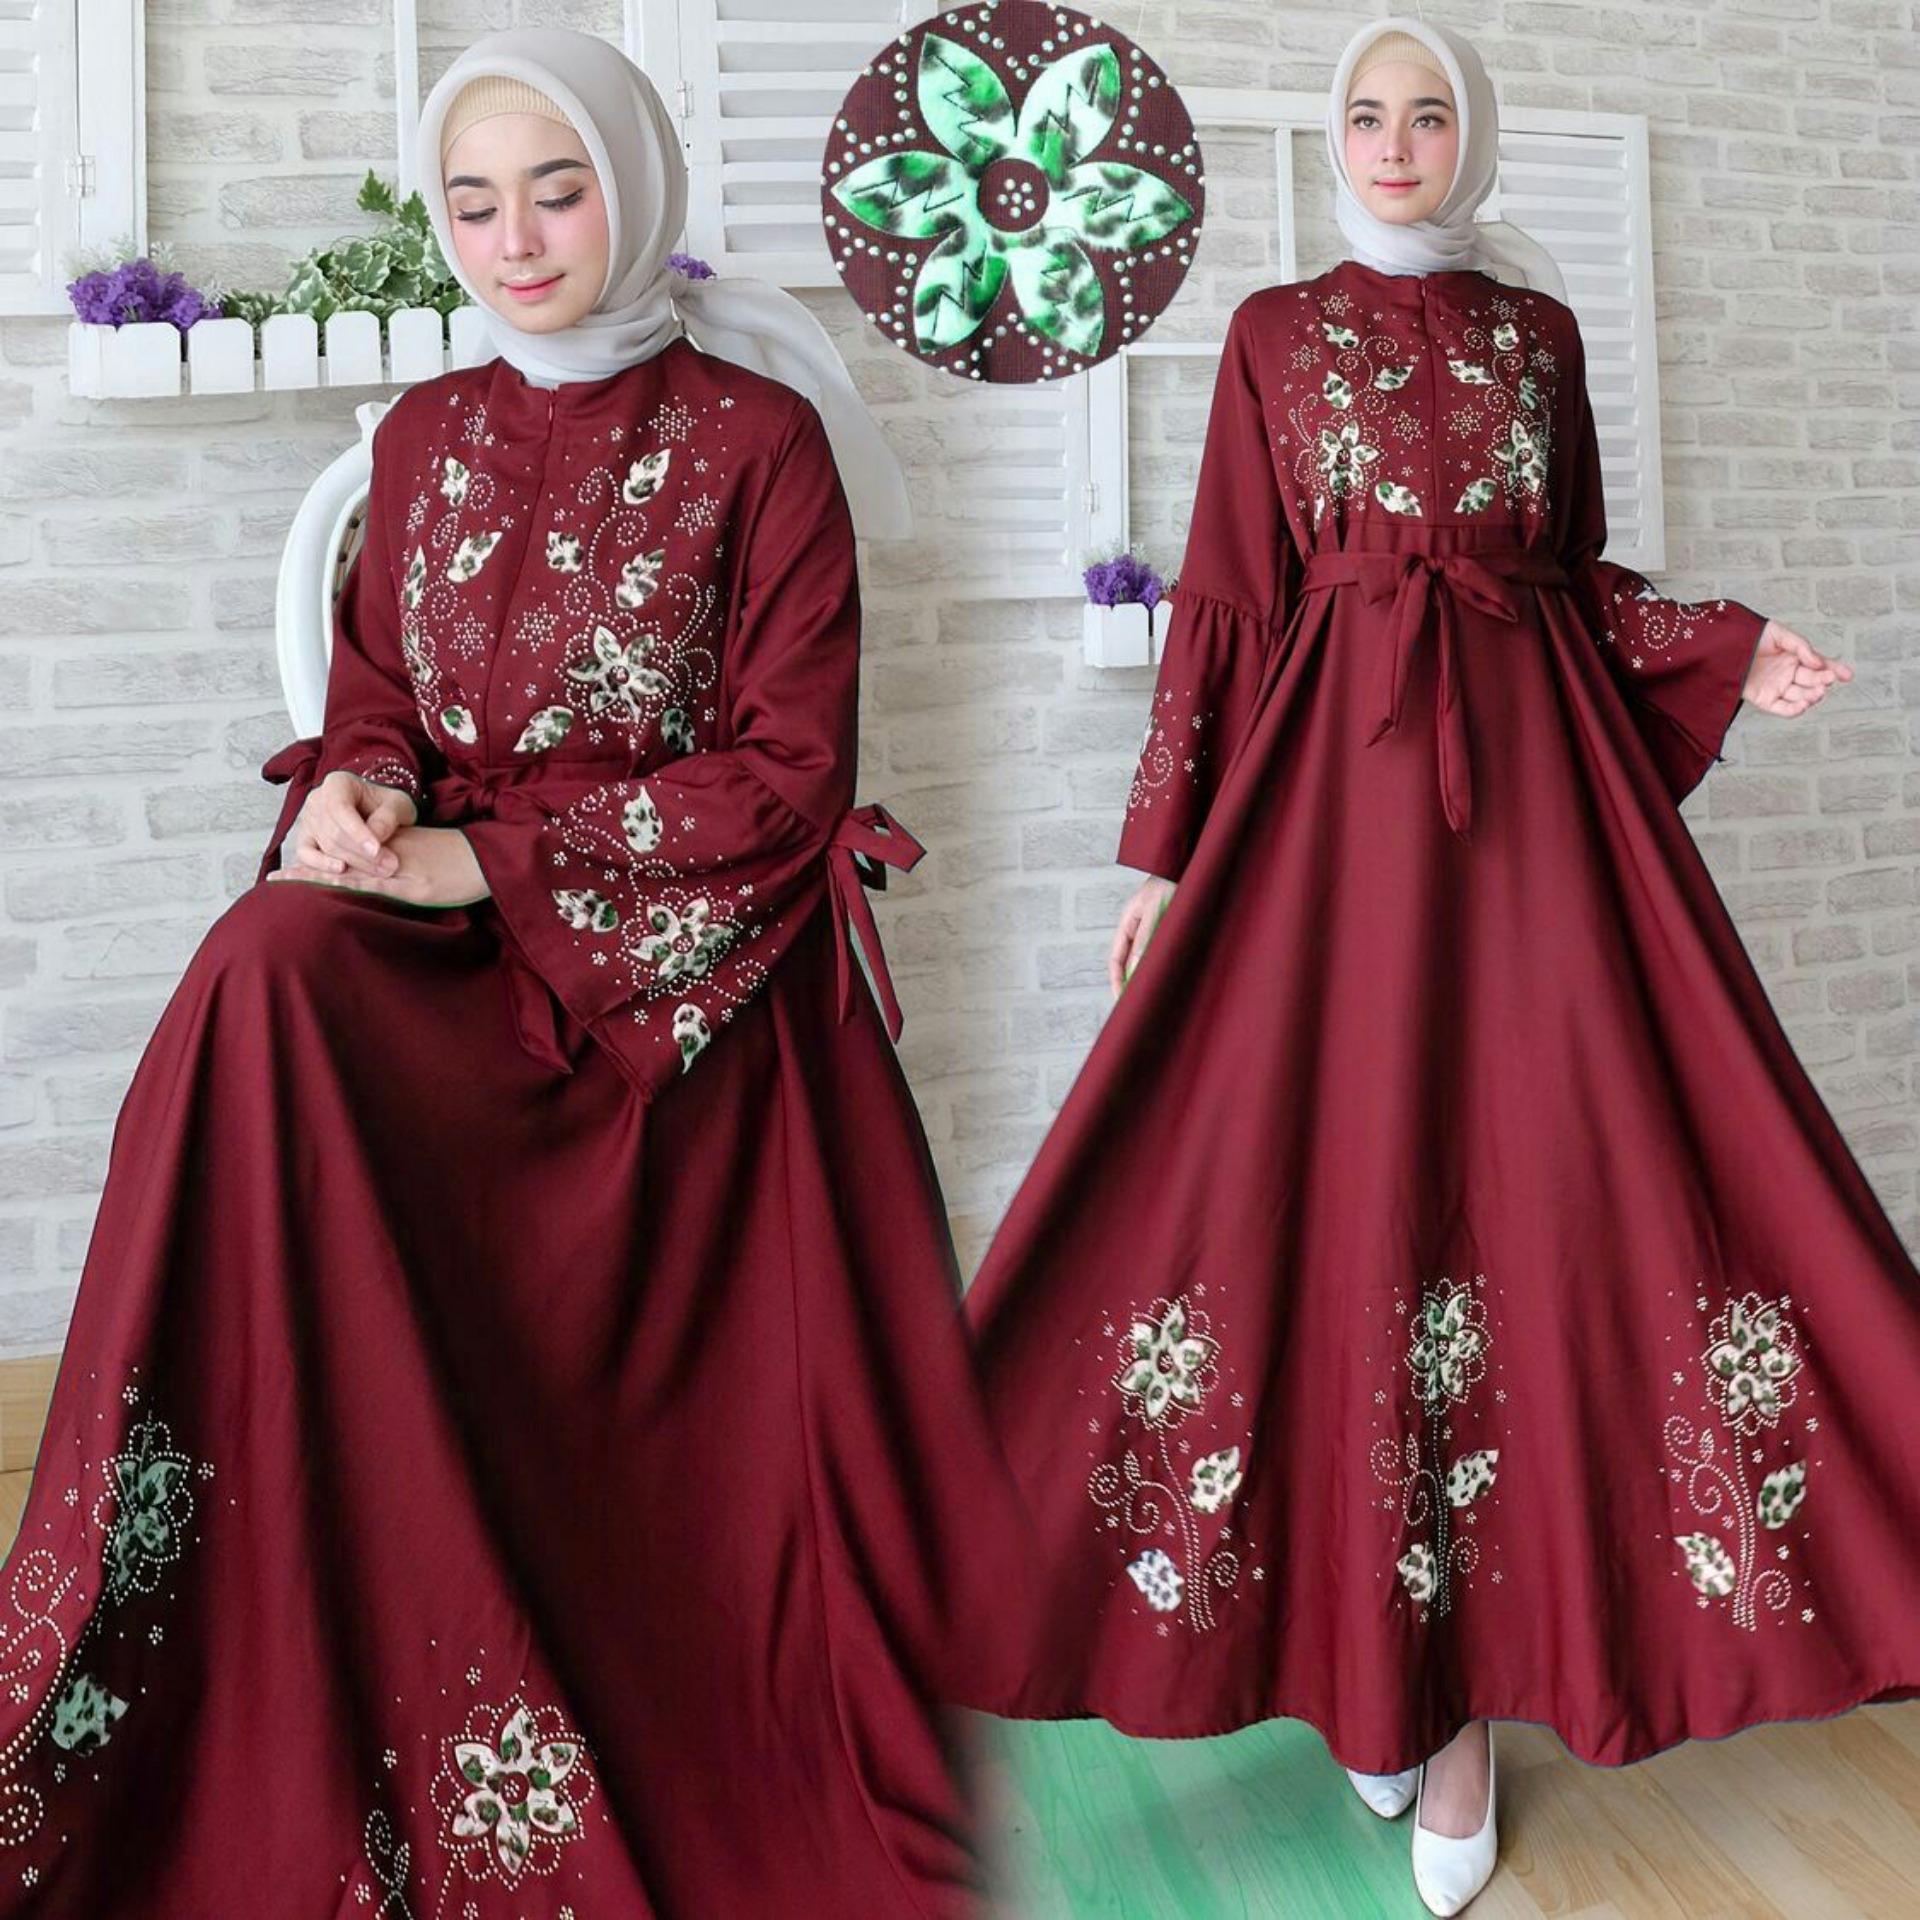 Toko Snowshop Gamis Syari Flower Maroon Terlengkap Di Dki Jakarta